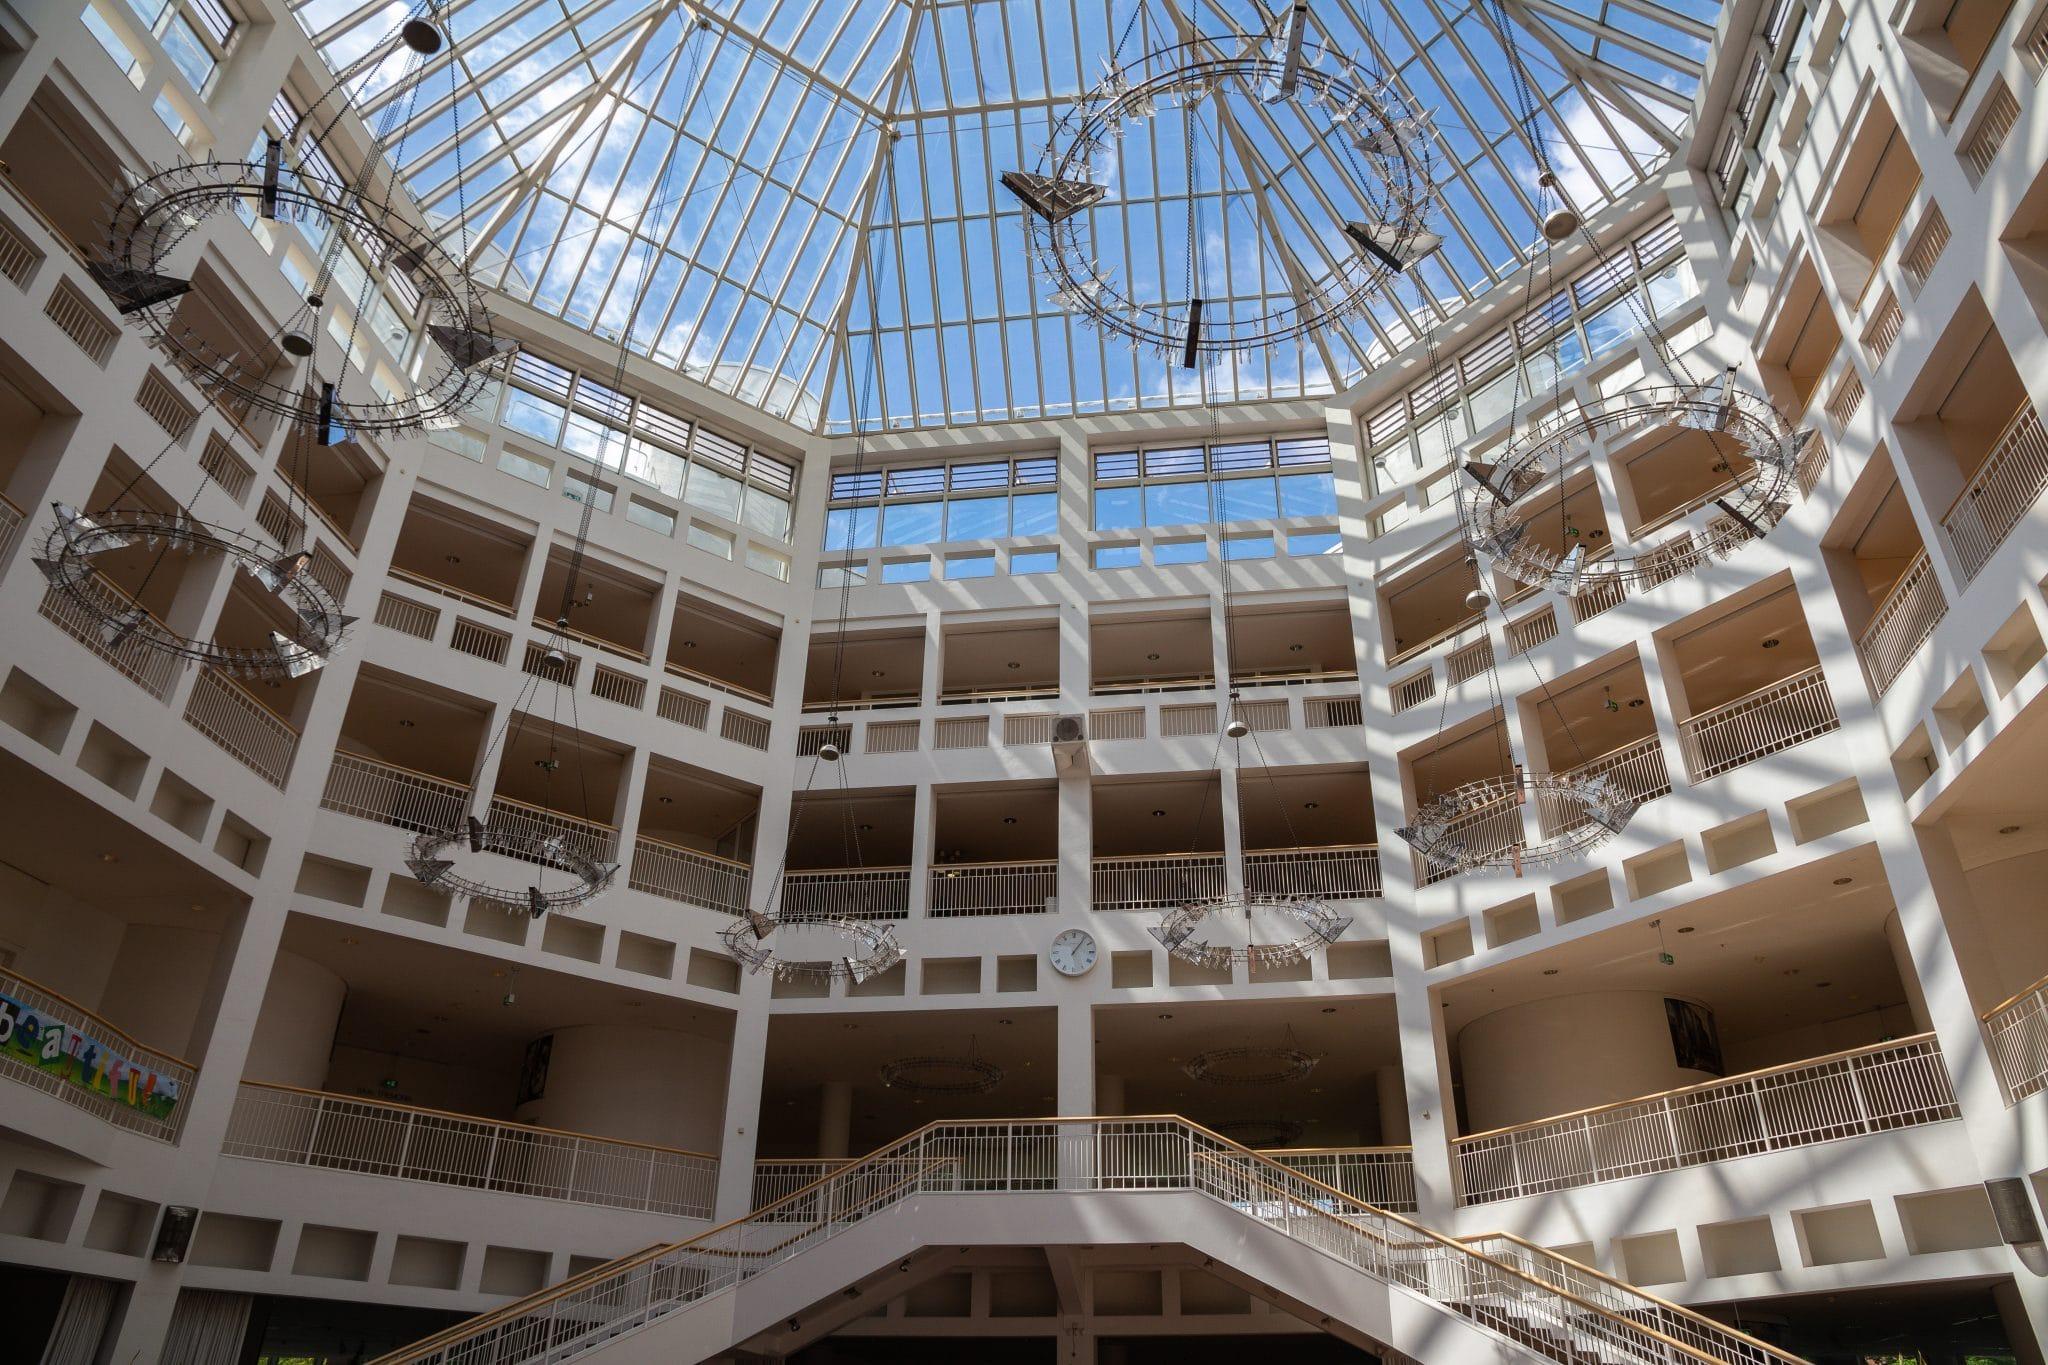 Die Pressekonferenz war die vorerst letzte im Rathaus, das demnächst 2 Jahre lang umgebaut werden soll. (Foto: IN-StadtMagazine)